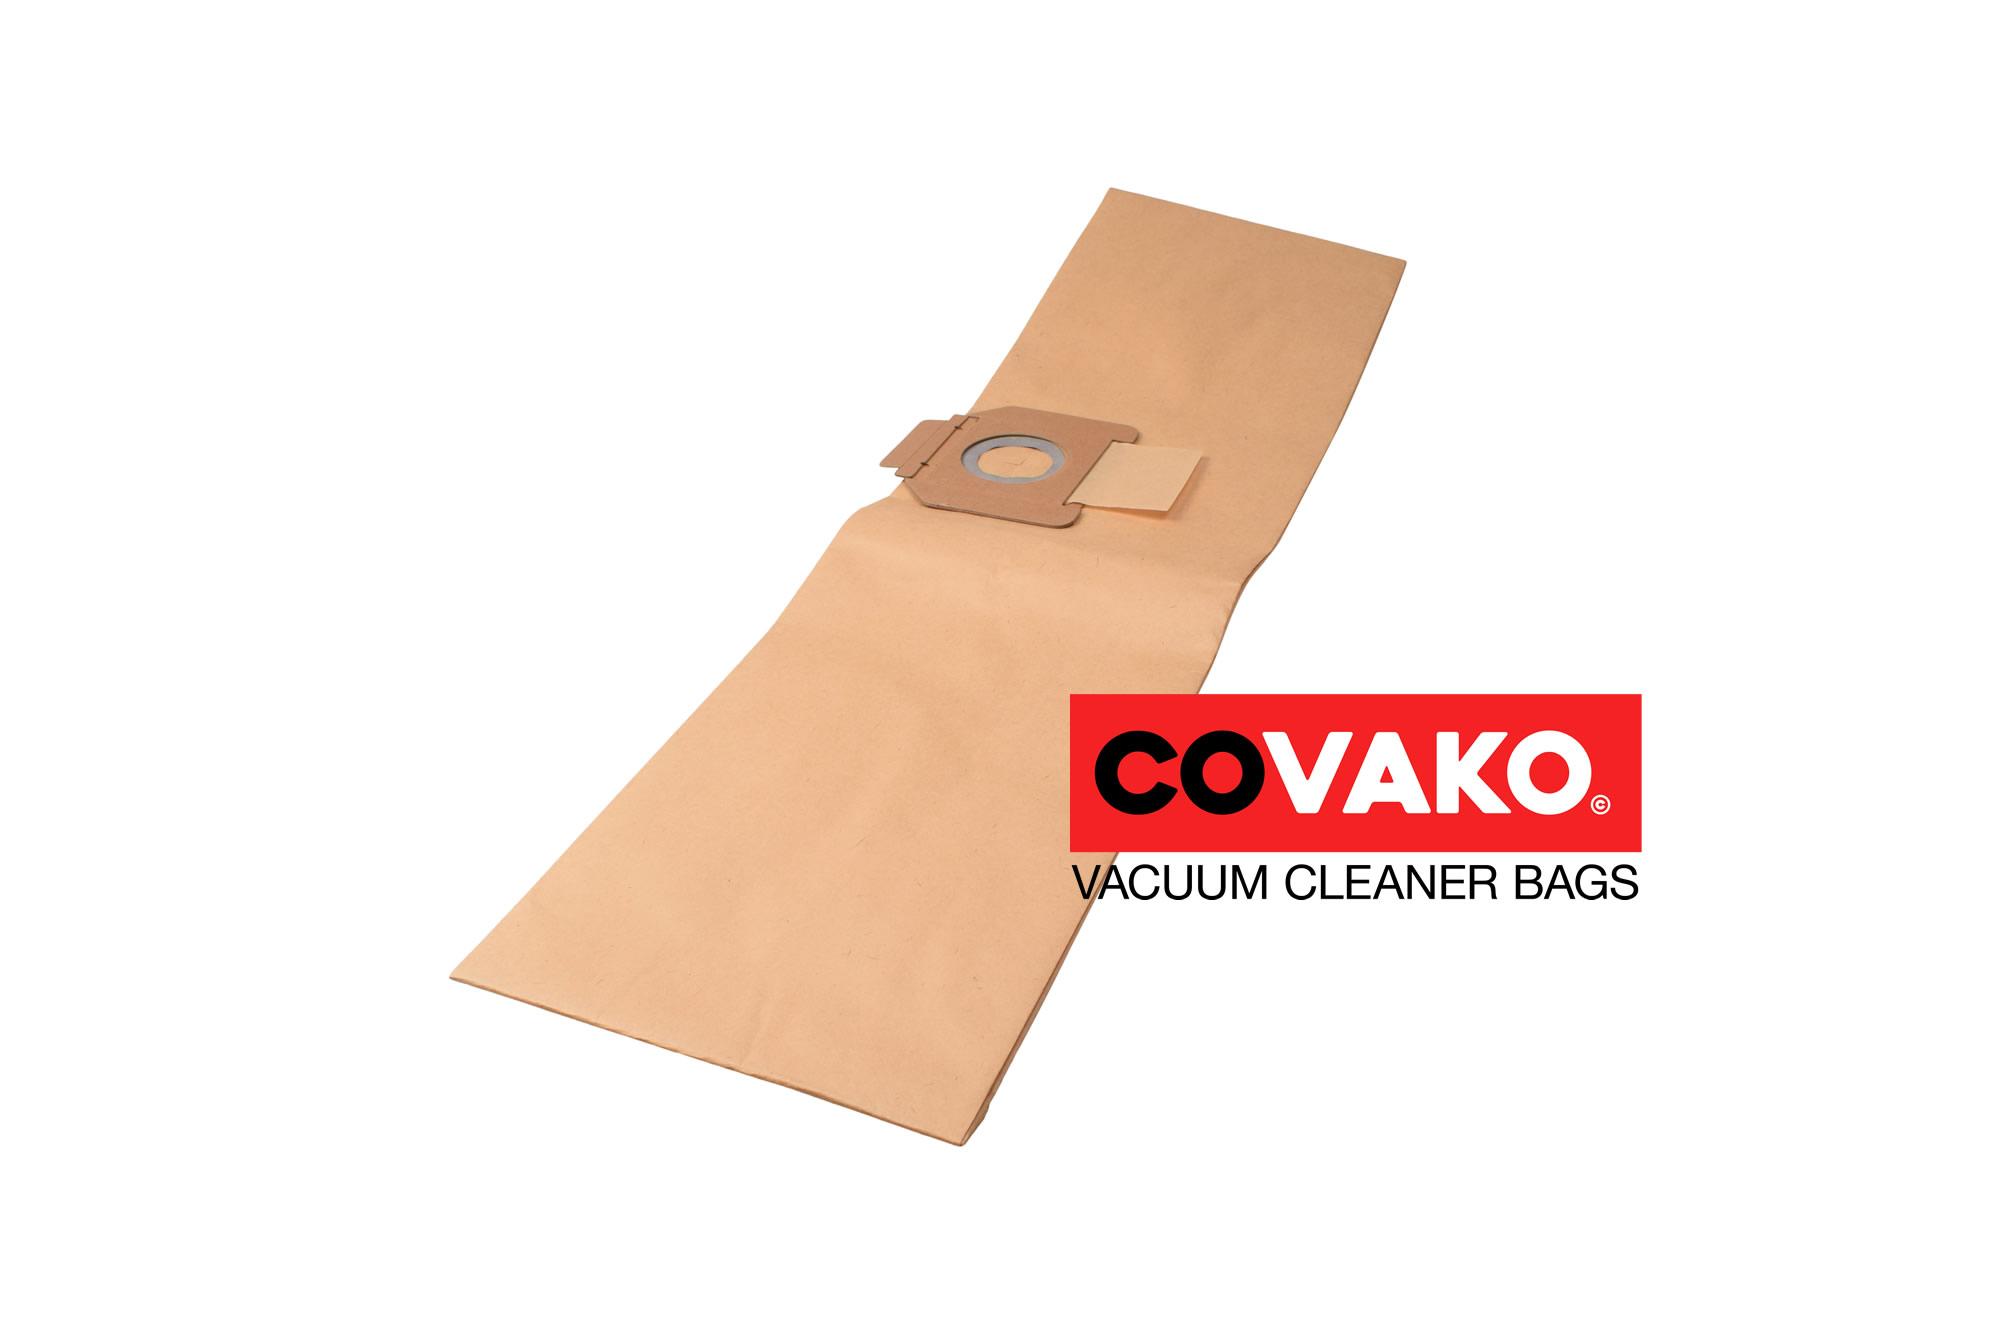 Alto SQ 4 / Paper - Alto vacuum cleaner bags